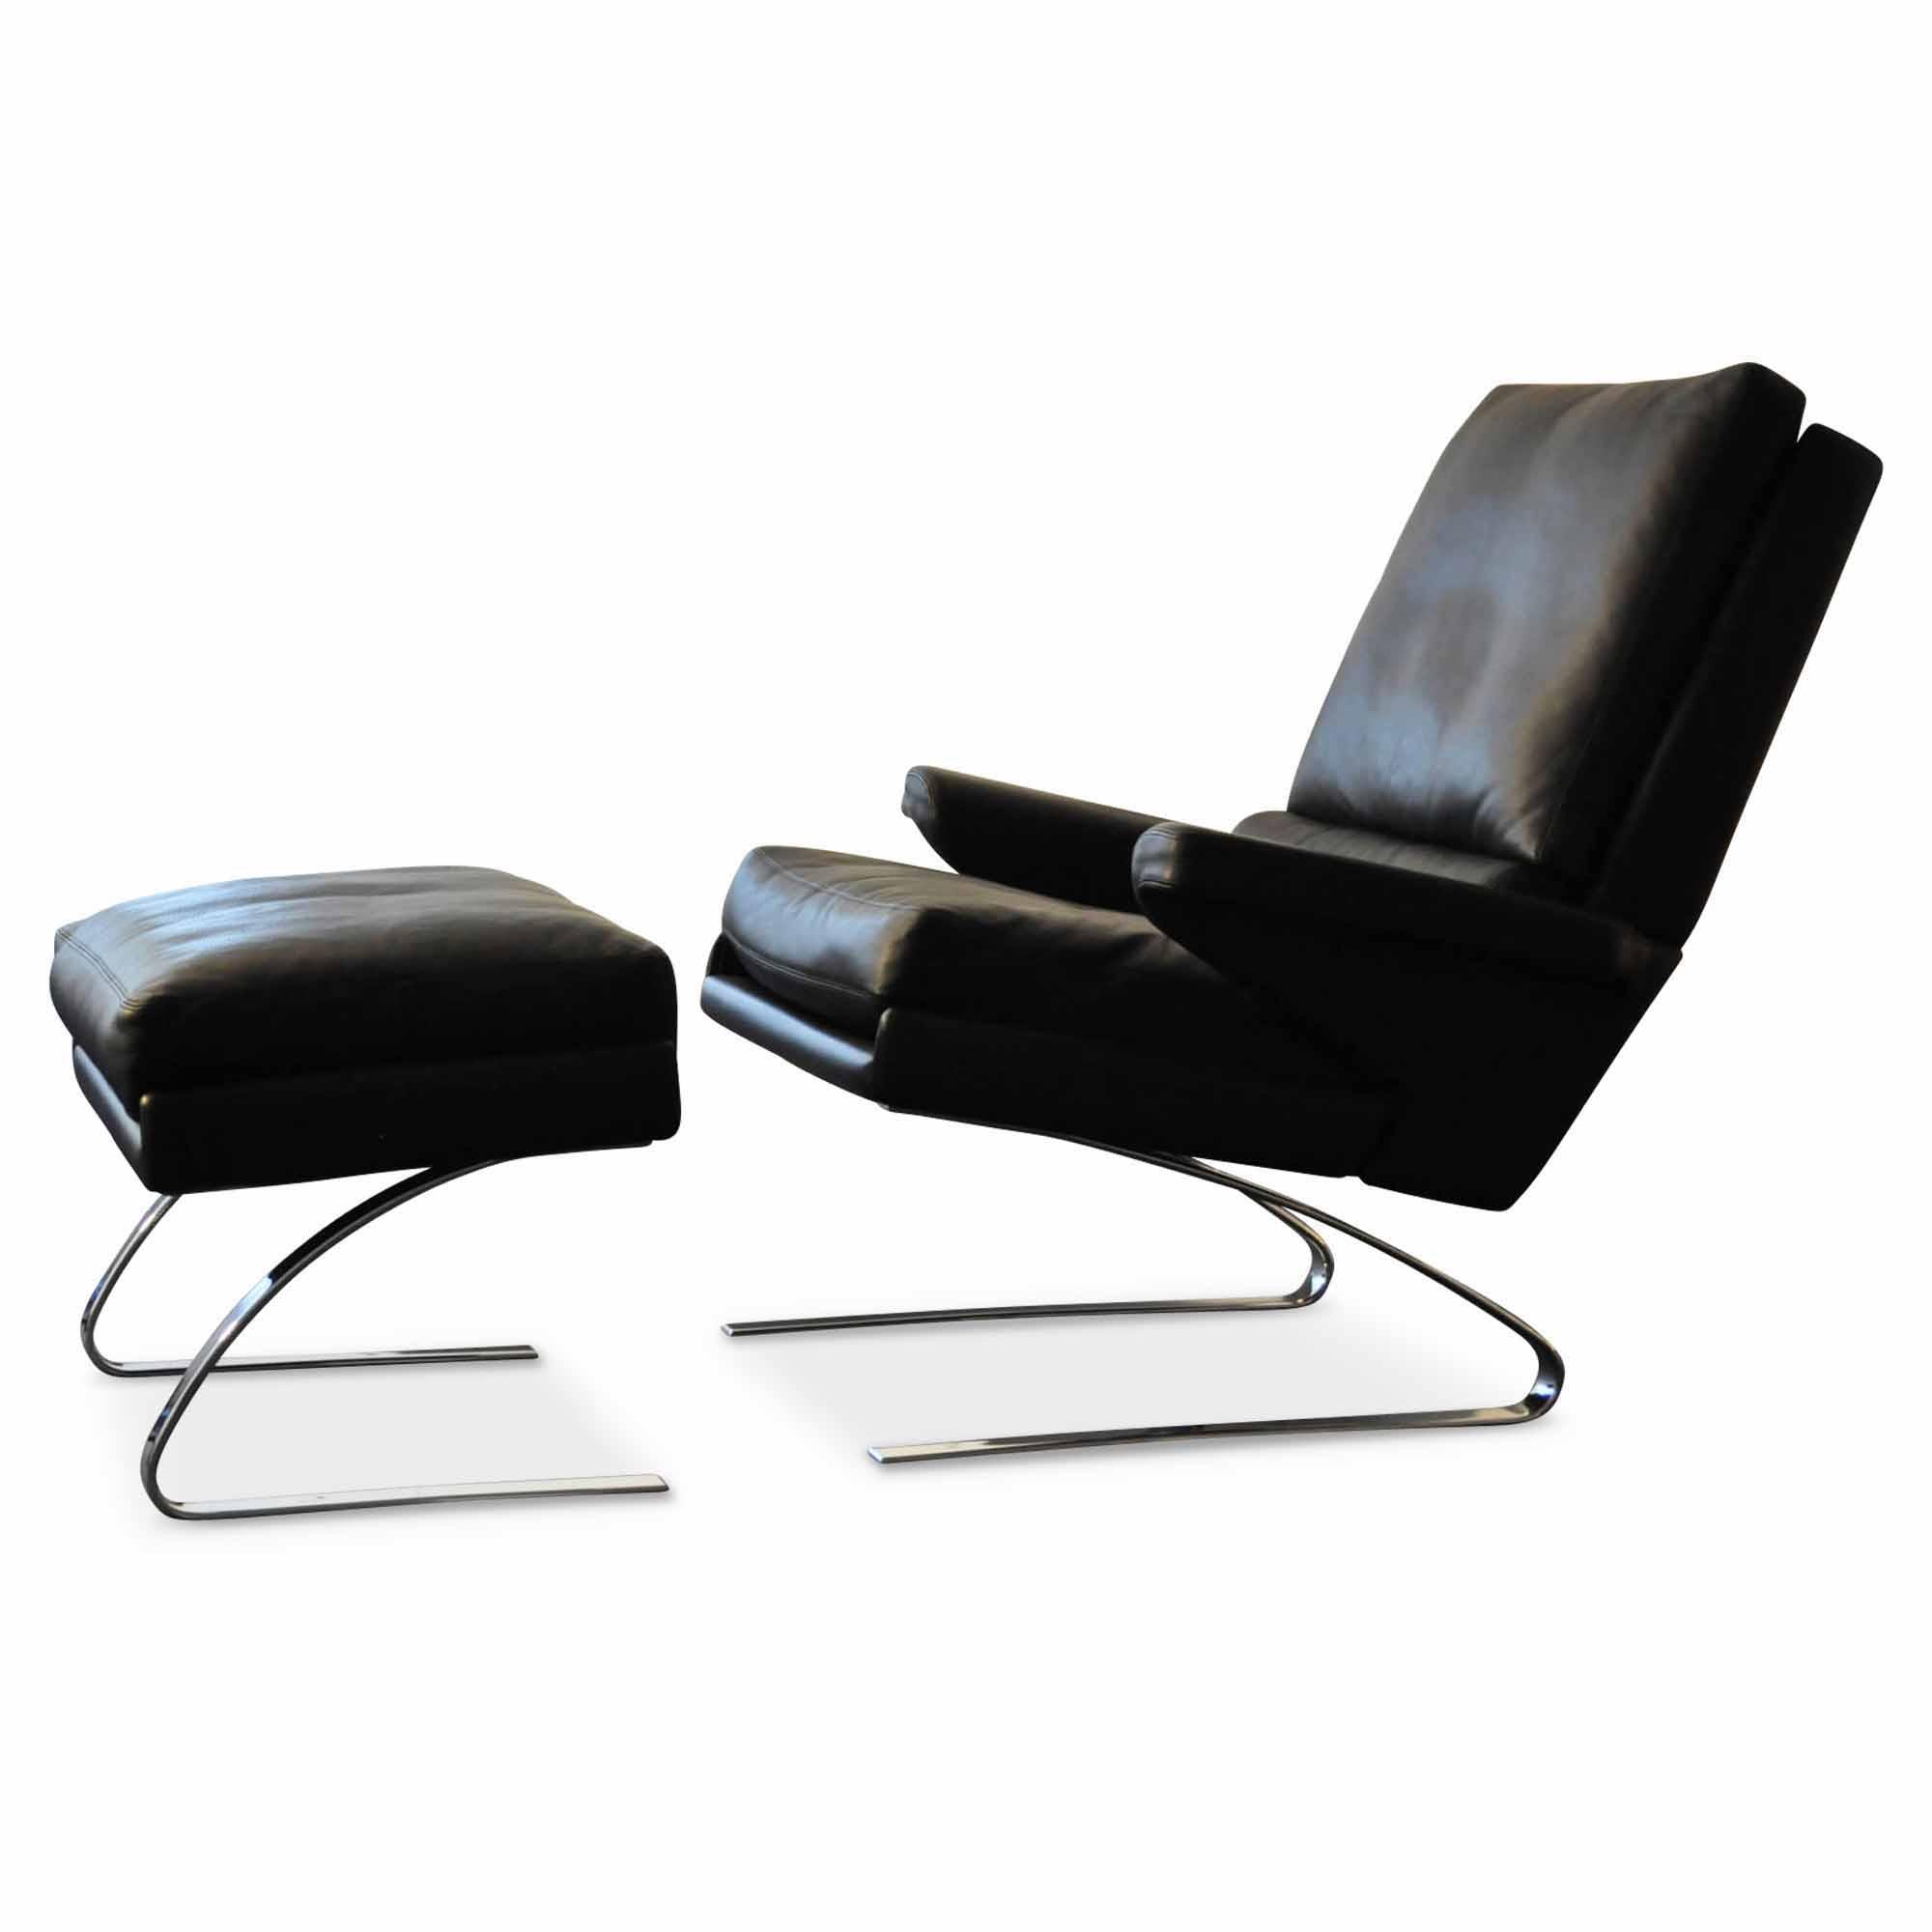 cor sessel, cor designer sessel swing (mit hocker) leder chrom schwarz verchromt, Design ideen